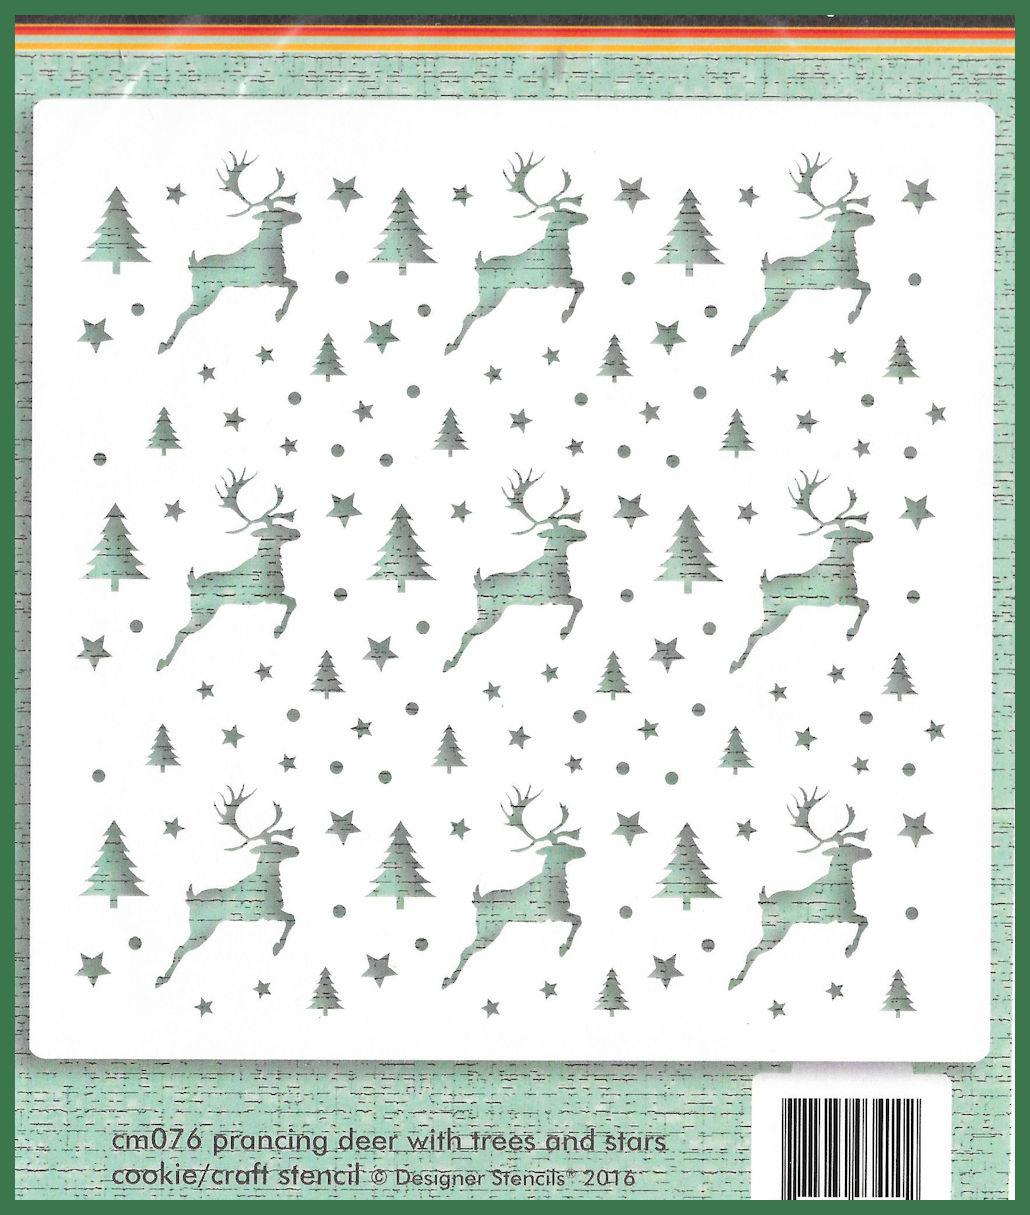 ds-prancing-deer-wit-trees-and-syars-8748403410.jpg